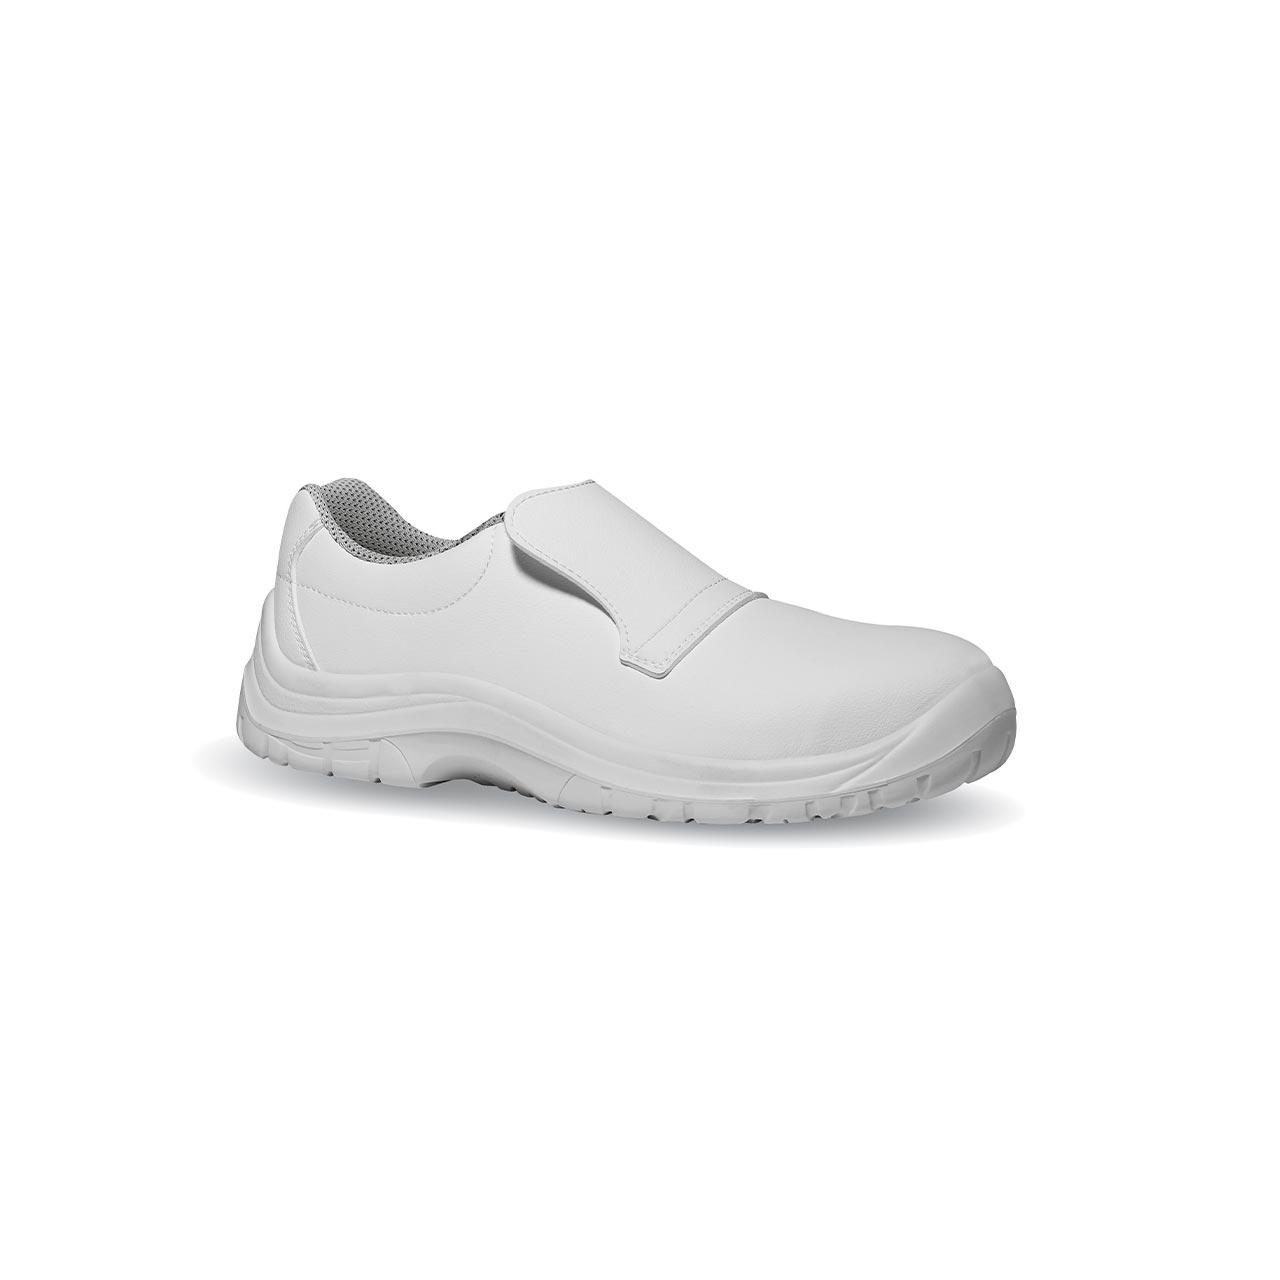 scarpa antinfortunistica upower modello soft linea professional vista laterale